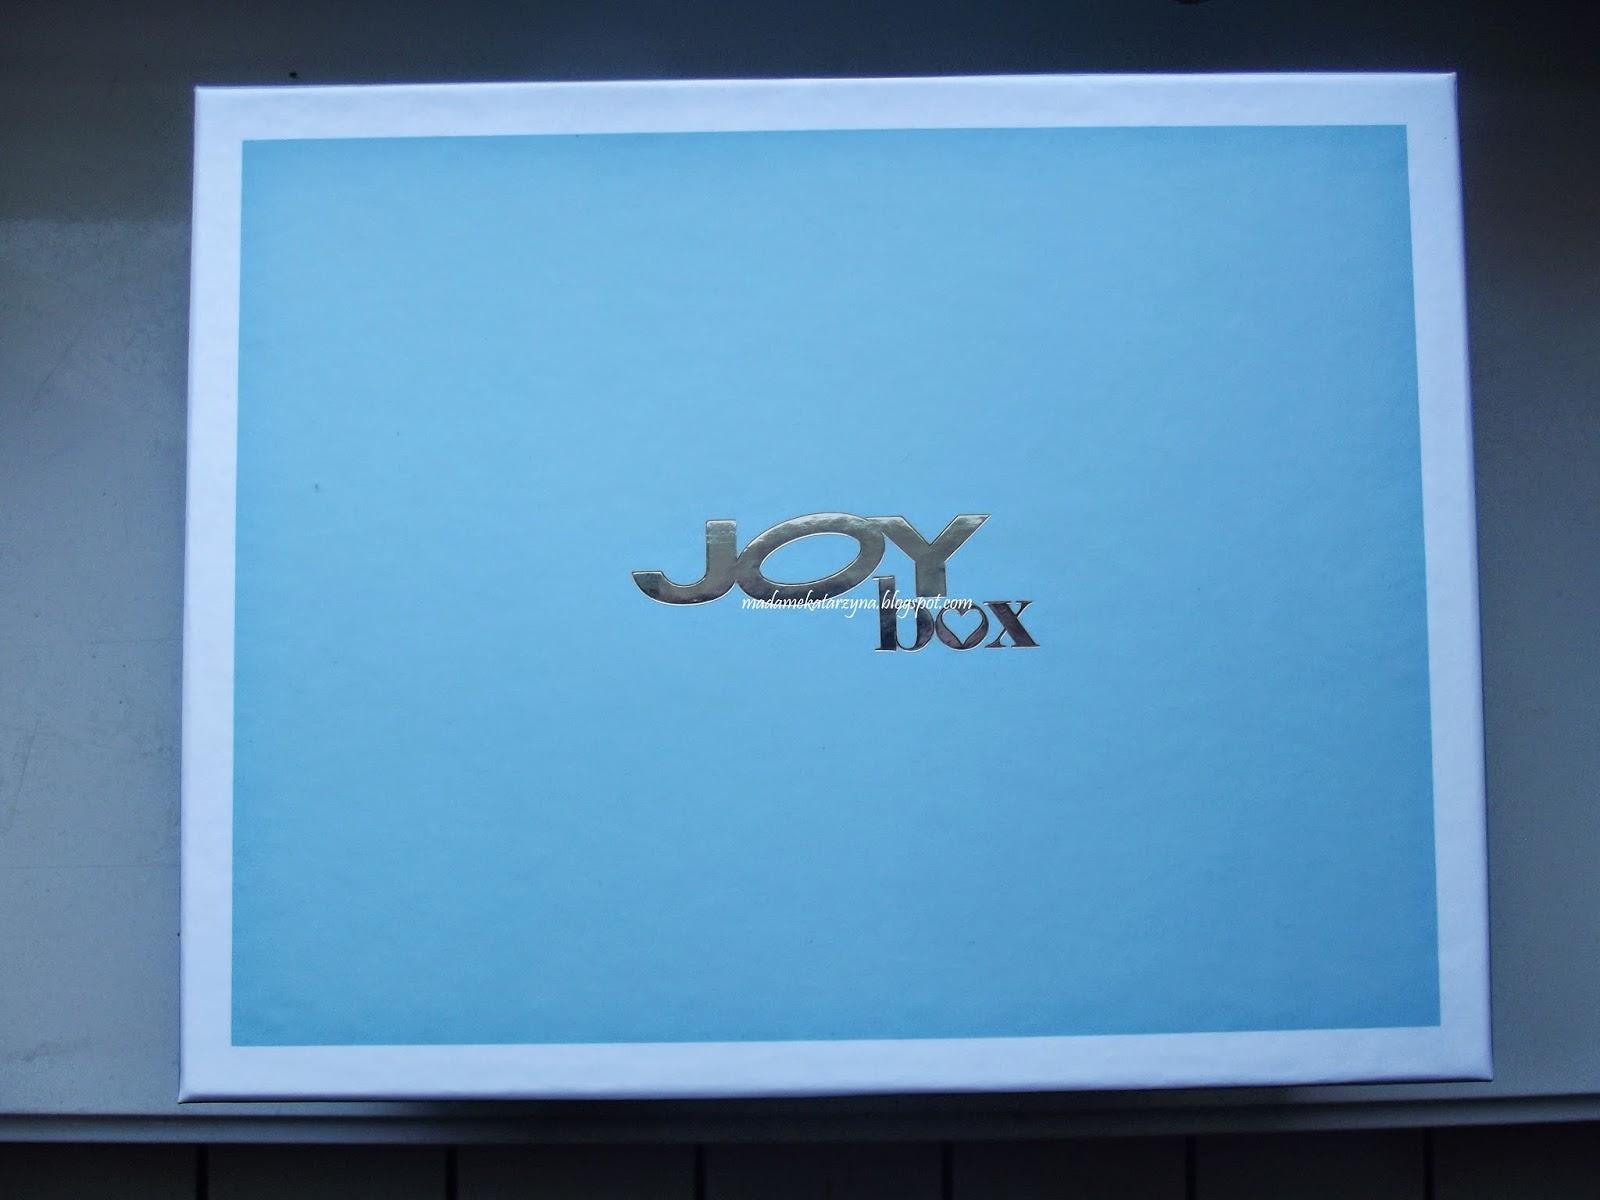 JoyBox edycja deluxe kwiecień 2015 - co jest w  pudełku?